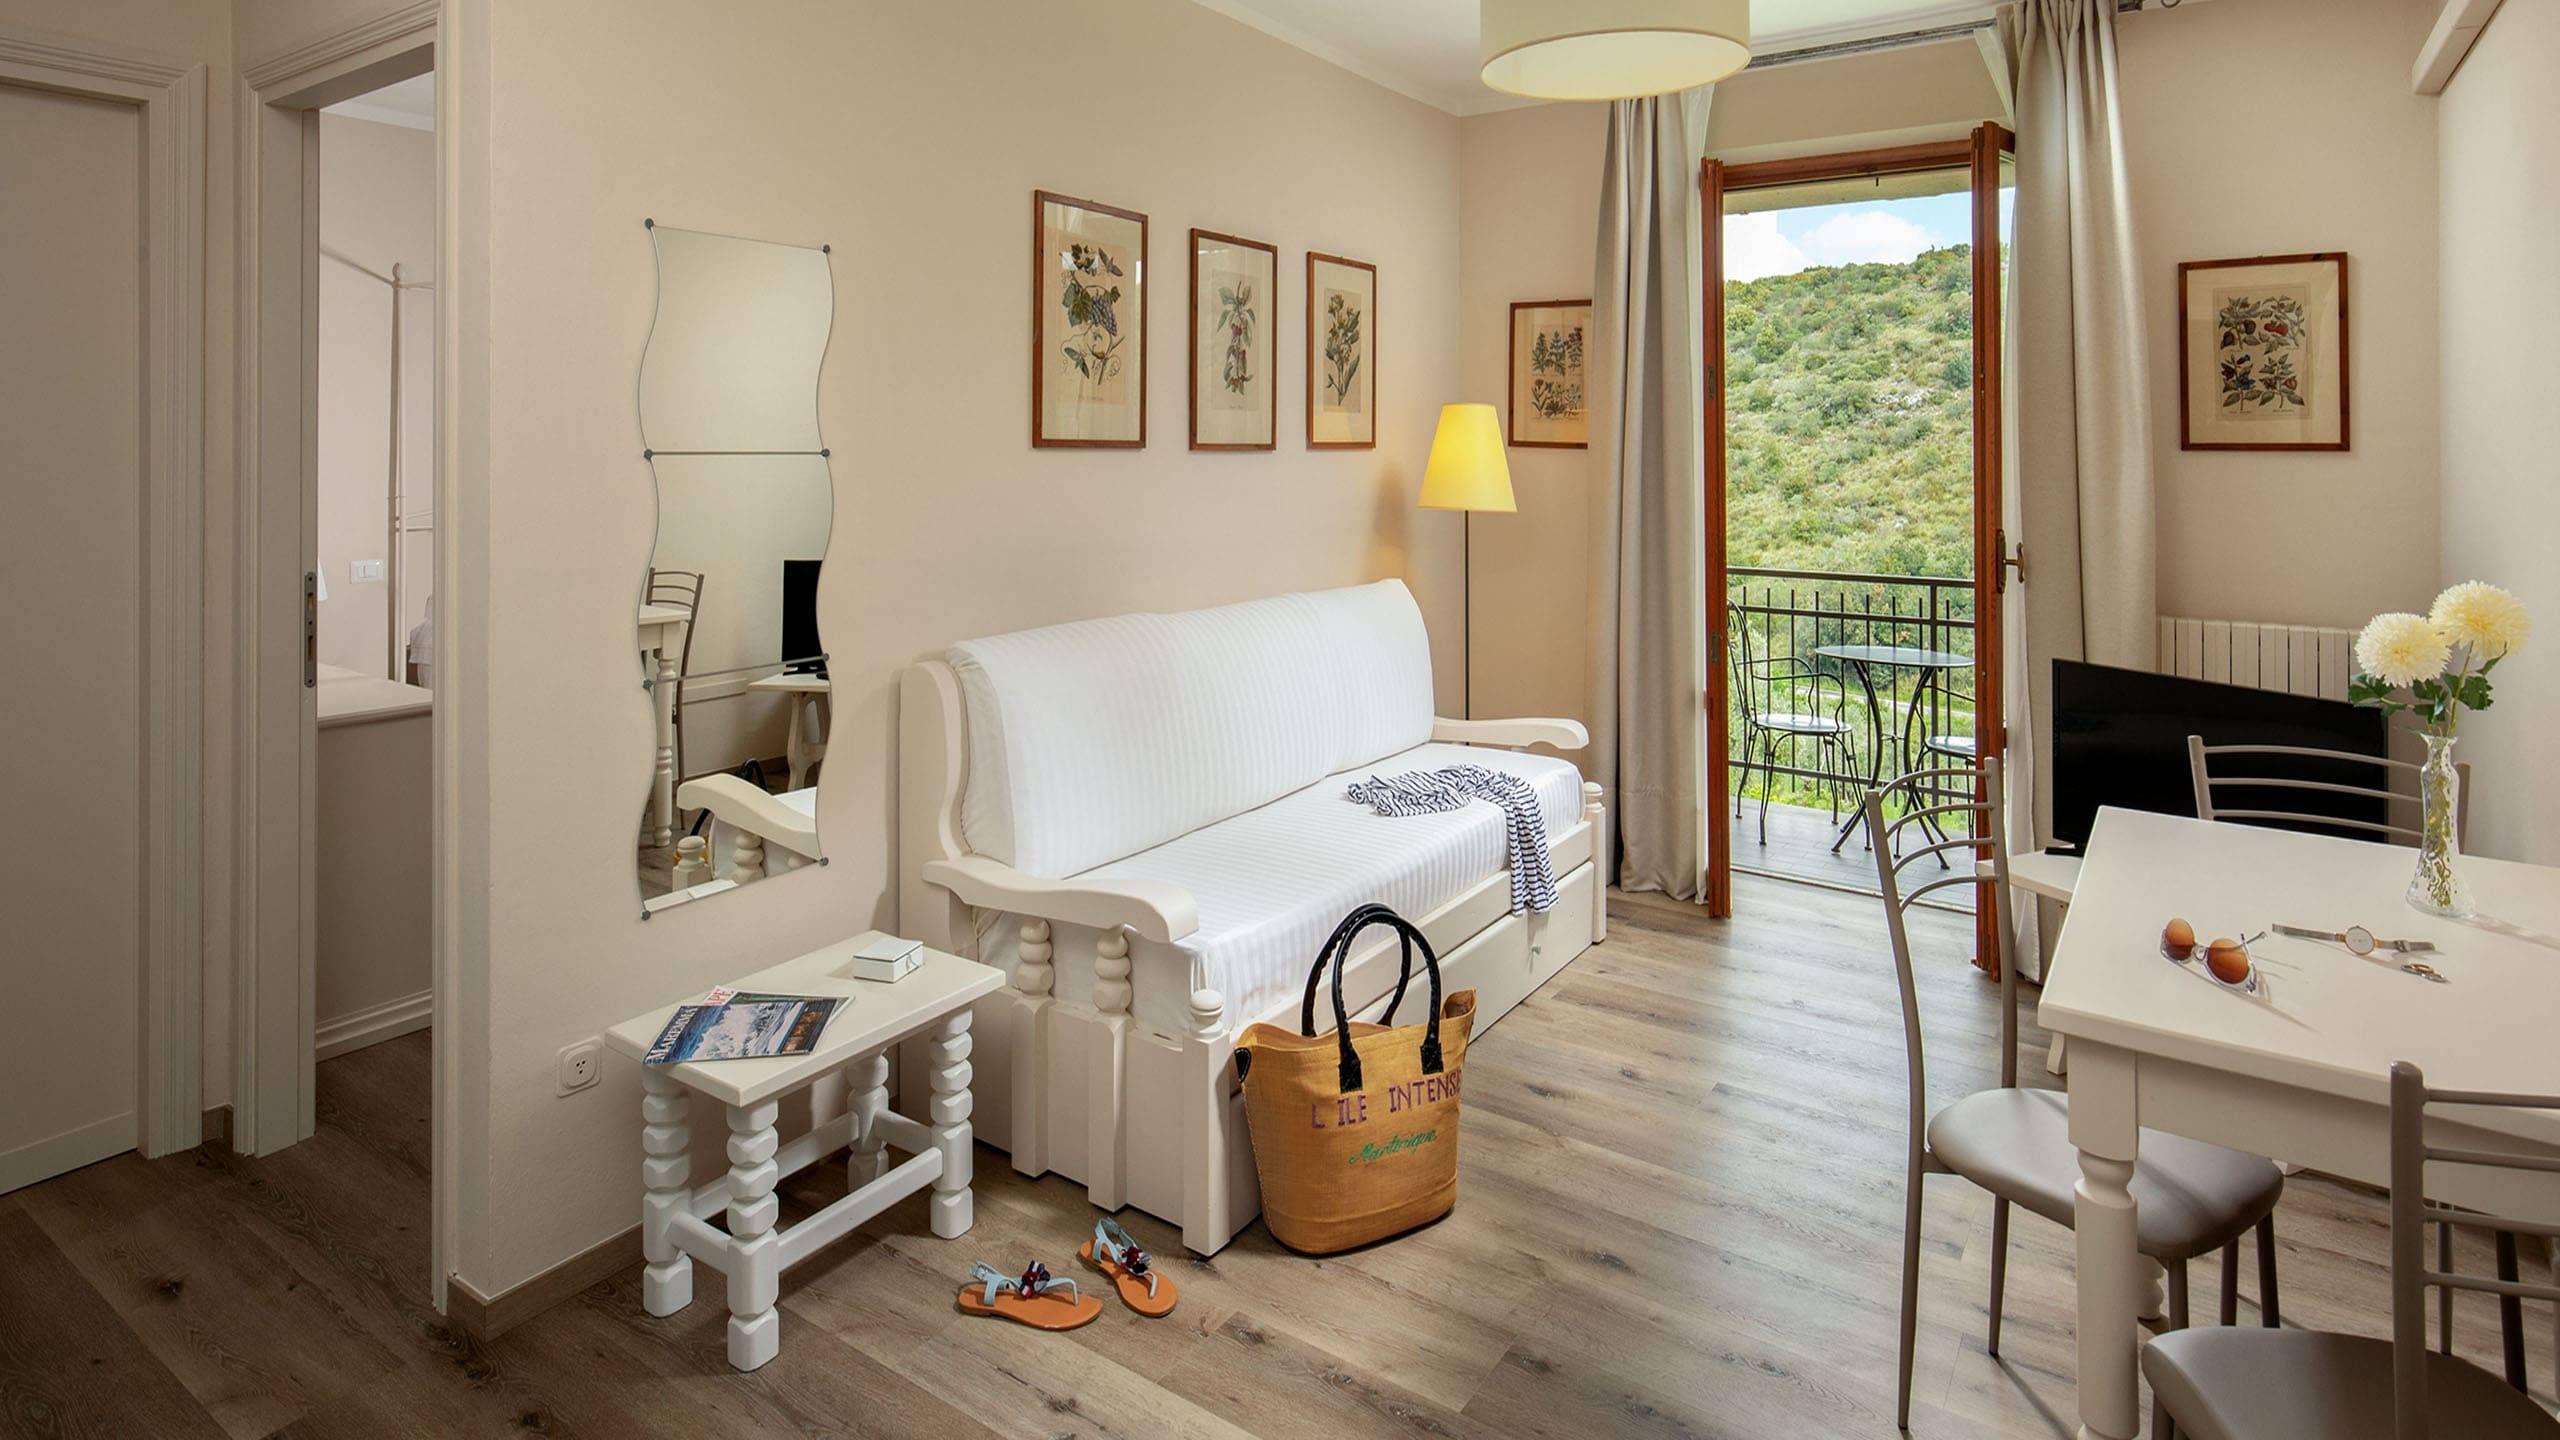 Hotel-Residence-Valle-del-Buttero-Capalbio-Camere-2021-Superior-Collina-soggiorno-4